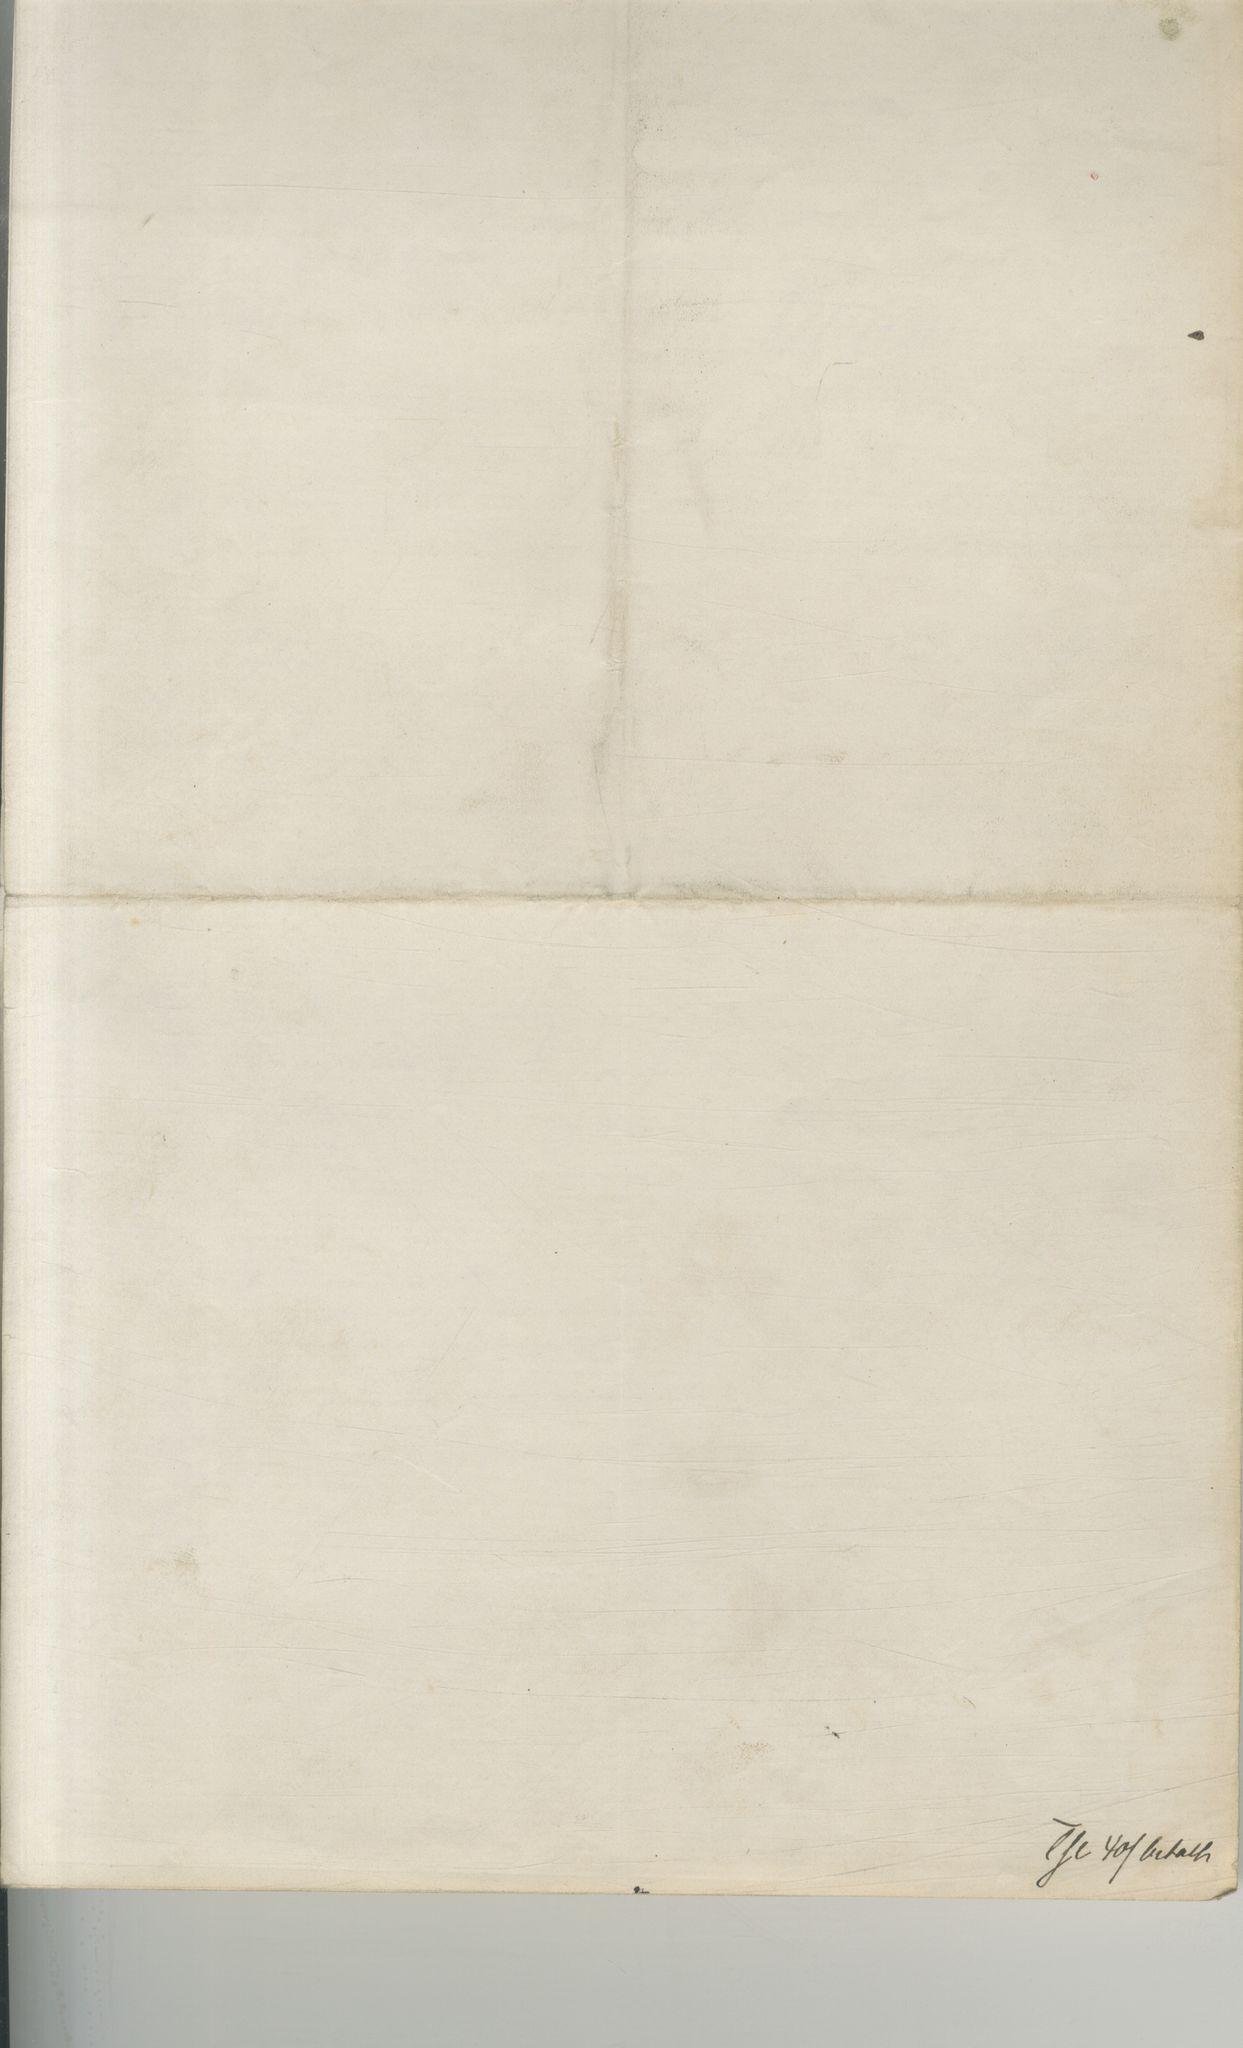 VAMU, Brodtkorb handel A/S, Q/Qb/L0003: Faste eiendommer i Vardø Herred, 1862-1939, s. 143